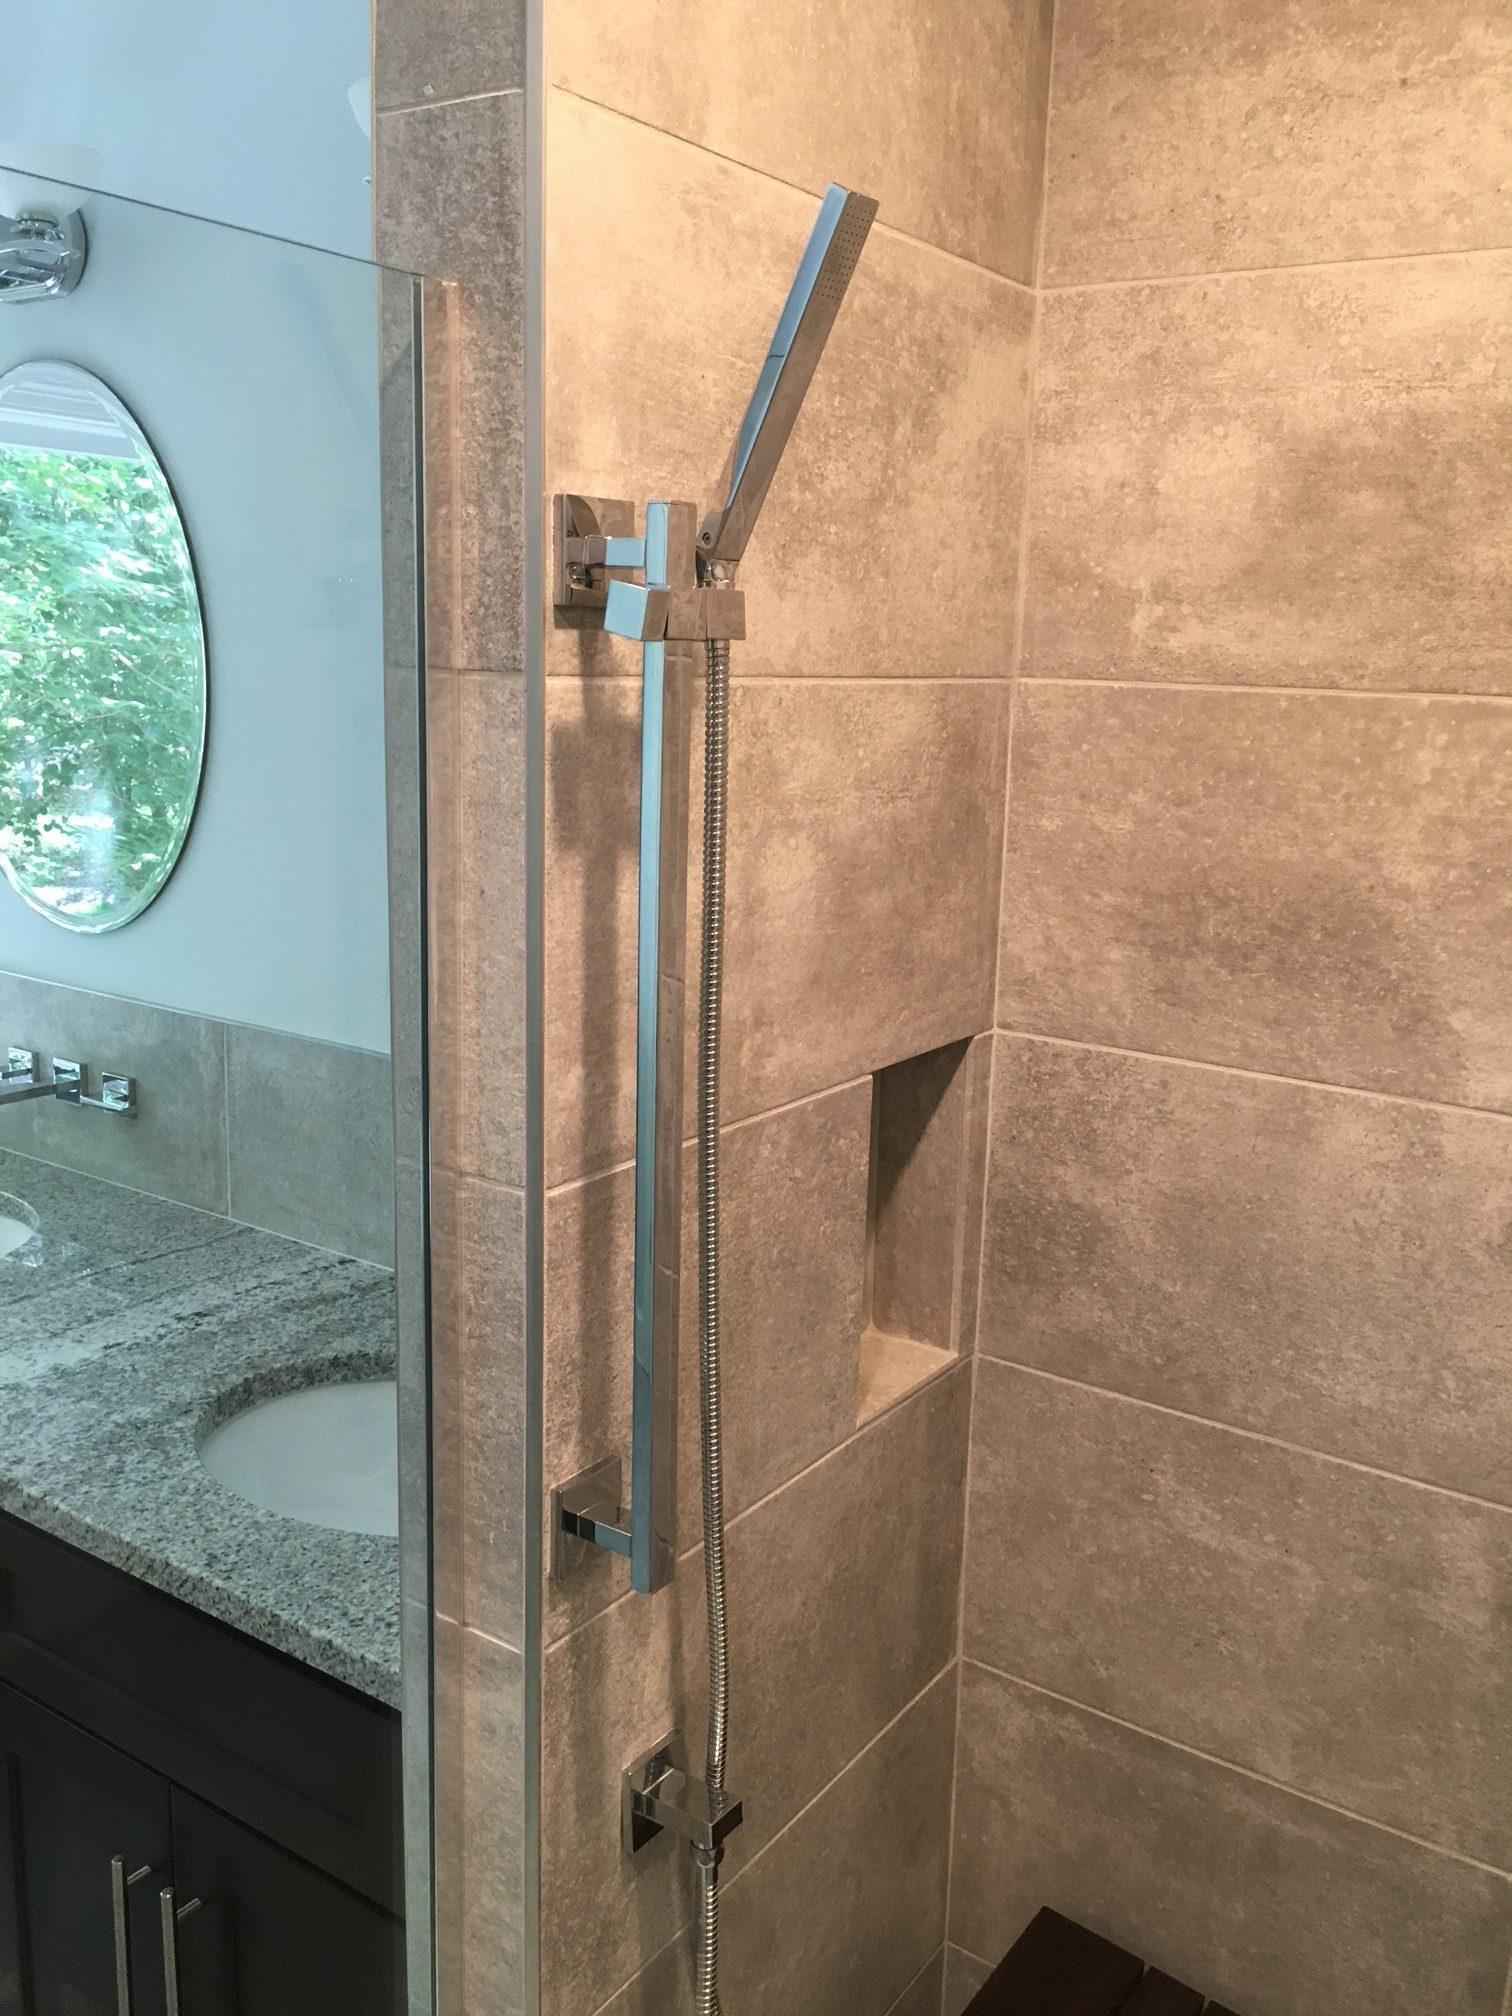 Summerfield Hand-Held Shower Wand